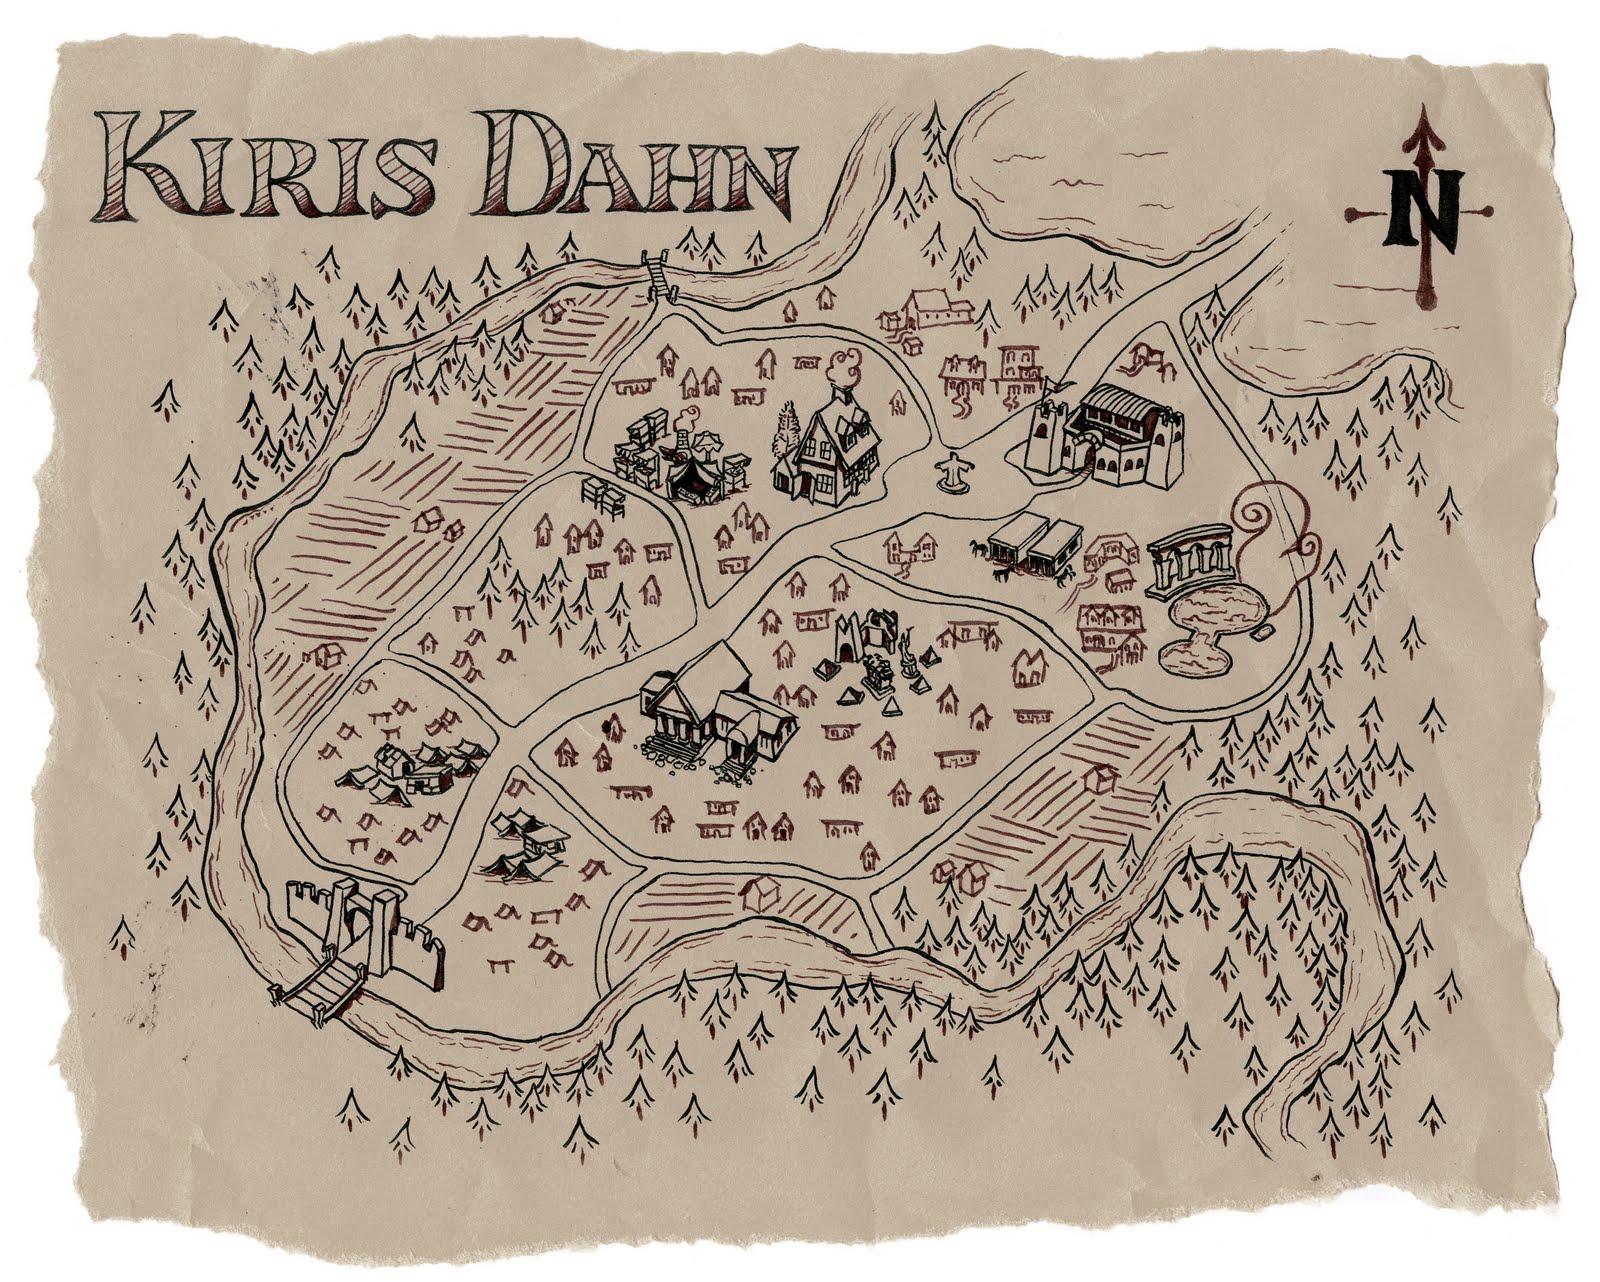 Kiris dahn map full size